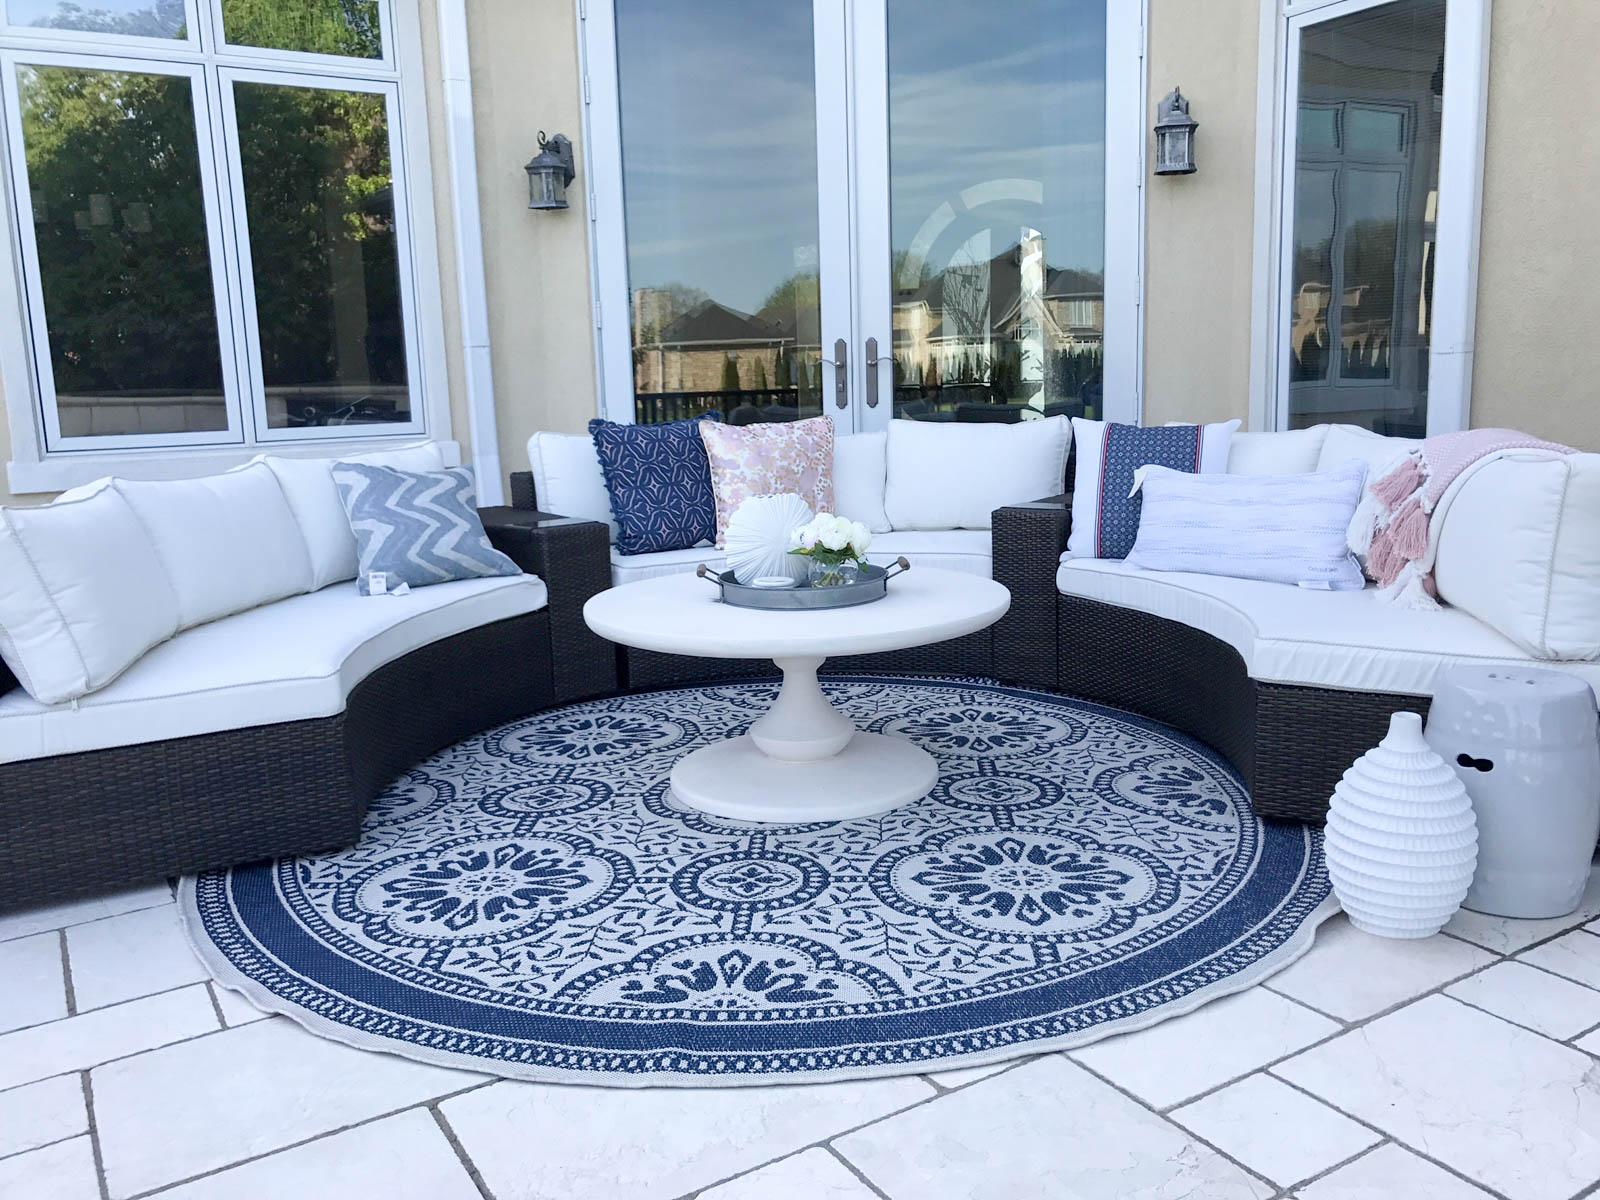 New Backyard Design – Lael Aryn